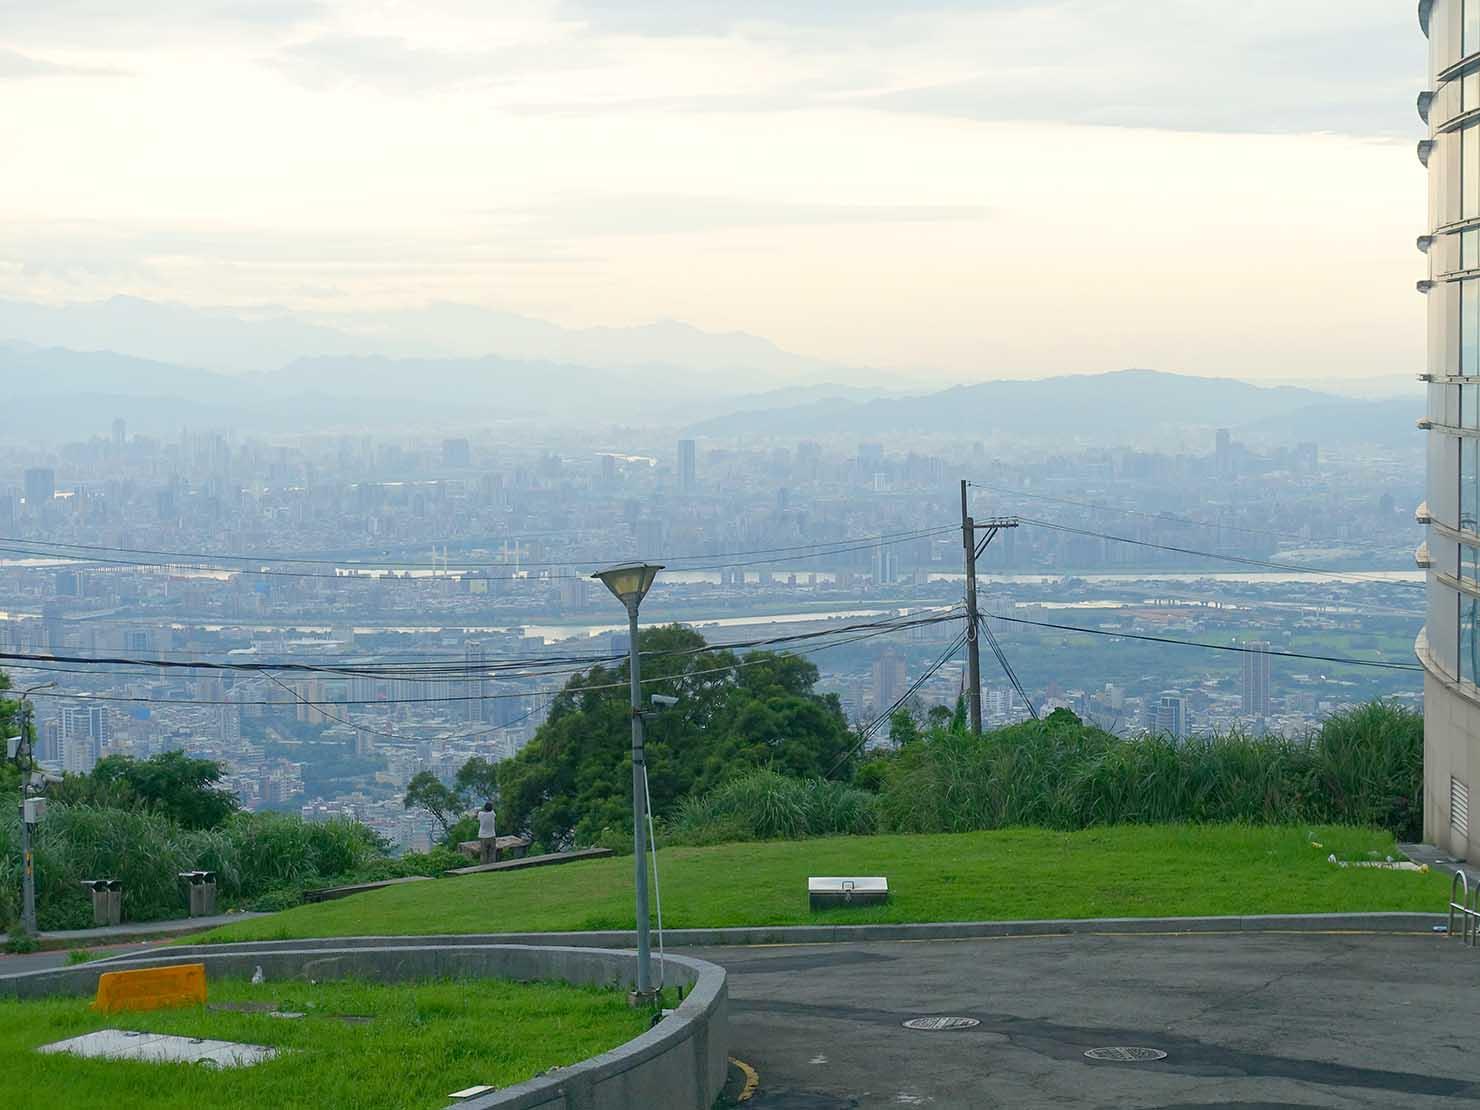 台北・陽明山のレストラン「草山夜未眠」へのアクセス(文化大學後山)